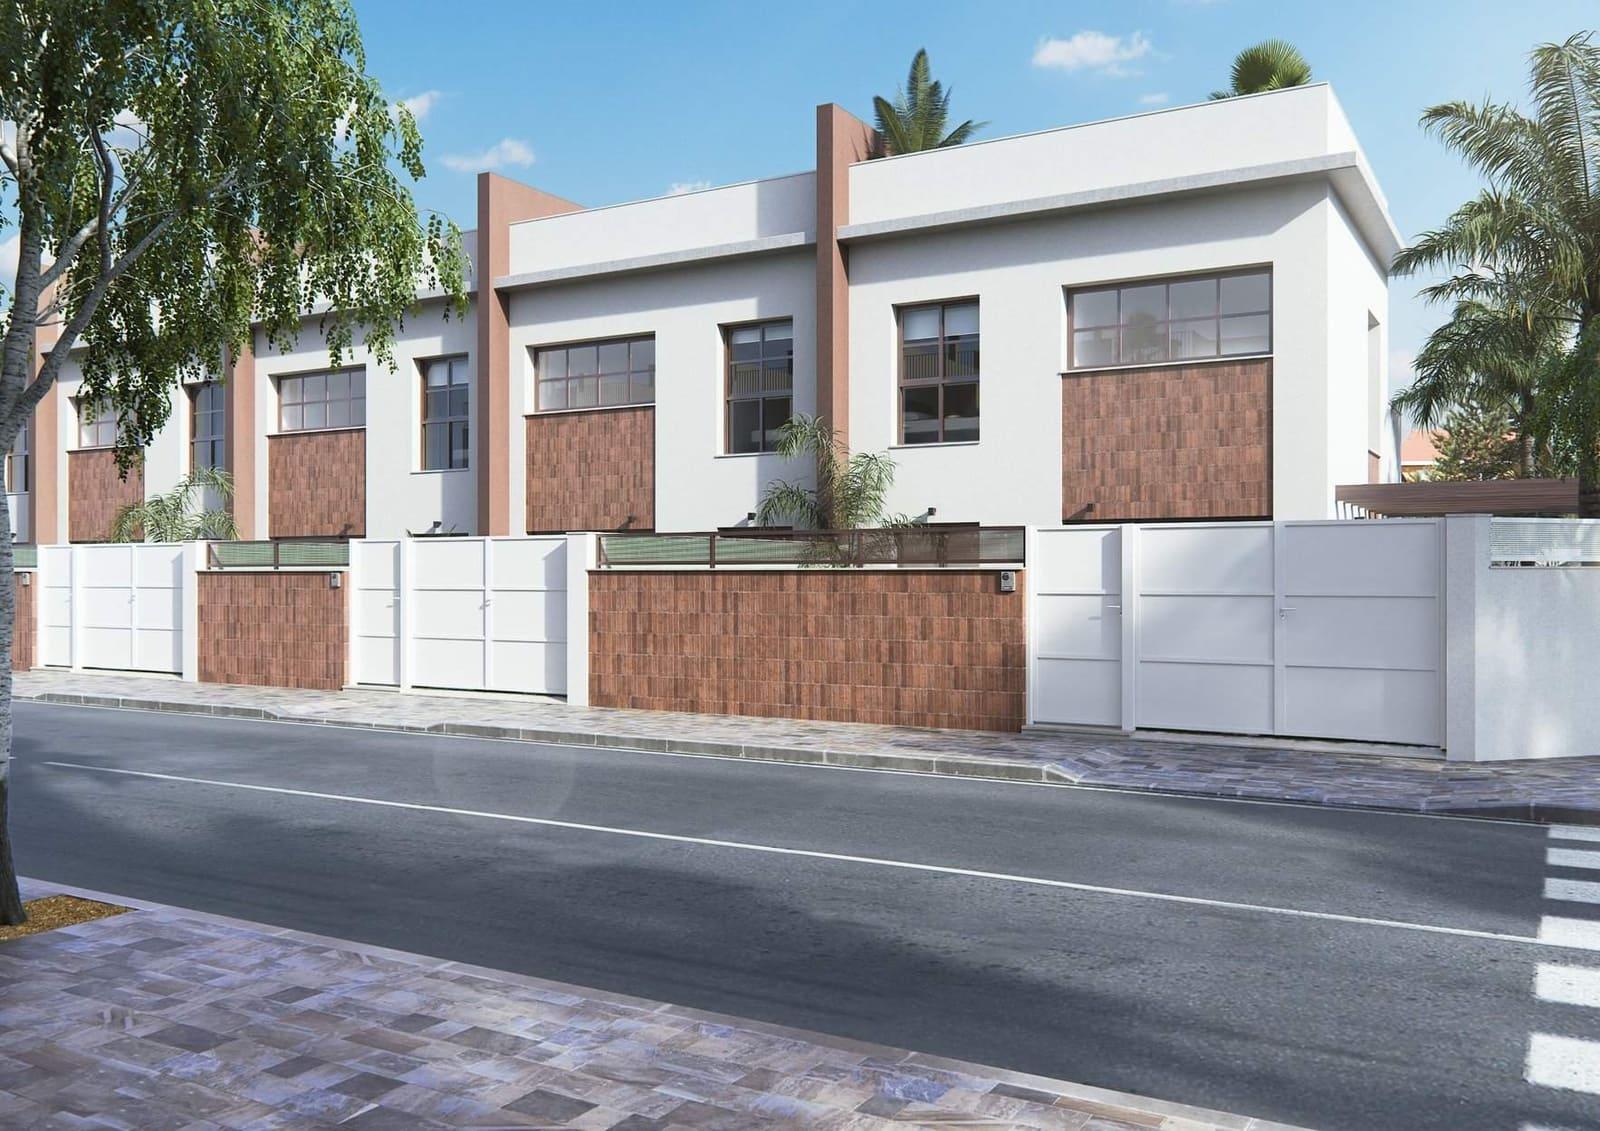 Casa de 3 habitaciones en Pilar de la Horadada en venta - 169.900 € (Ref: 4481649)